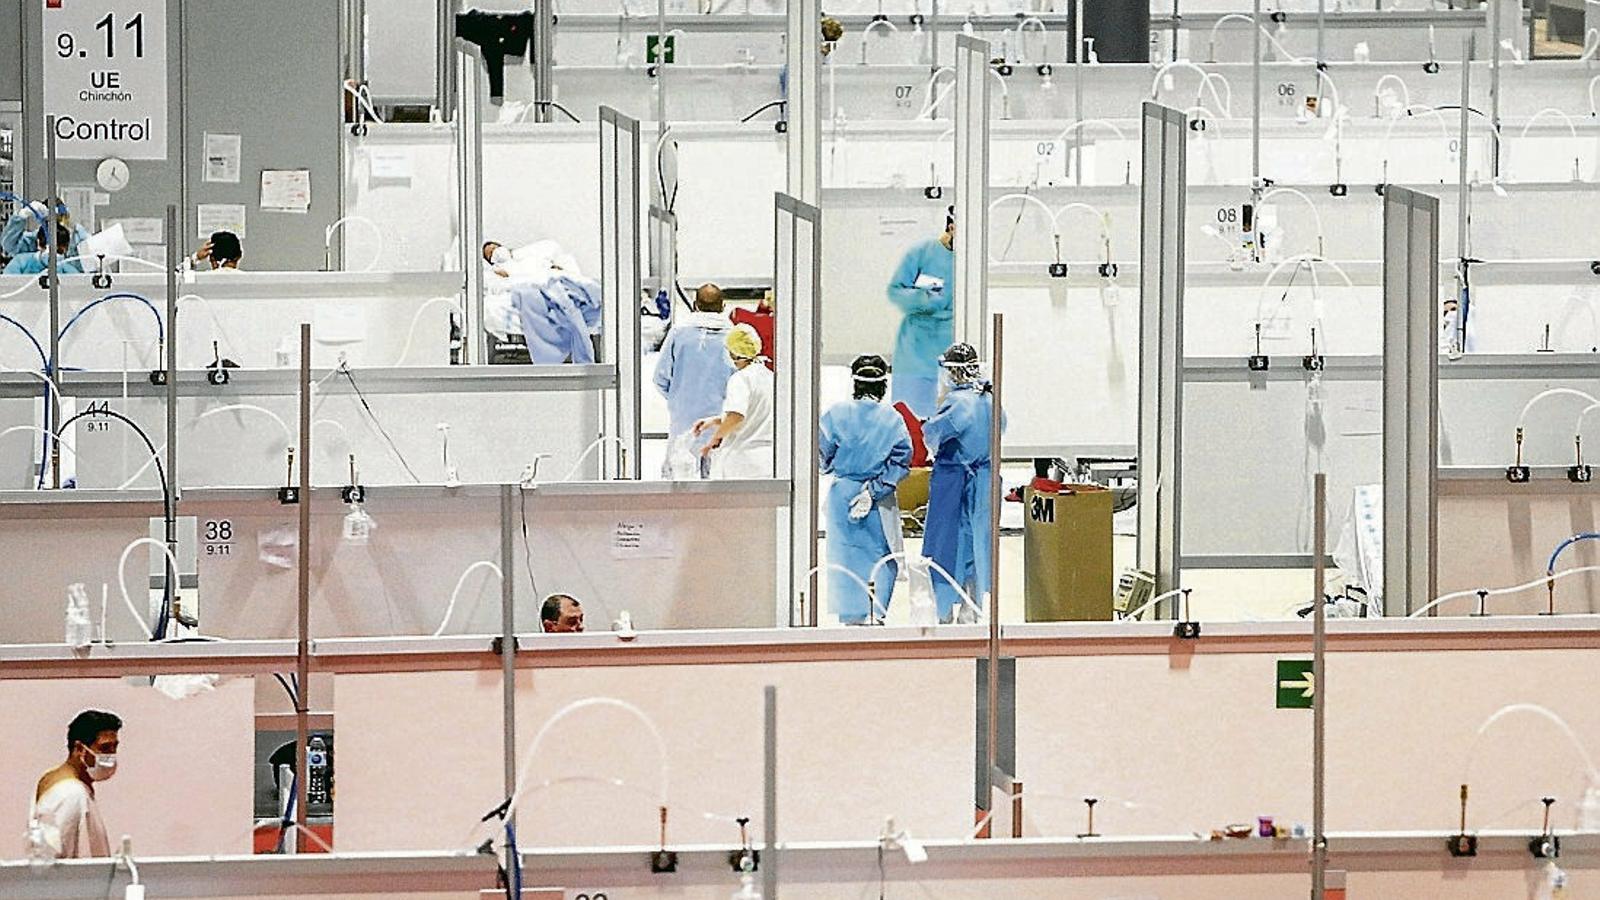 Els pavellons 7 i 9 de l'hospital de campanya d'Ifema,  a Madrid,  ja tenen compartiments per separar els pacients.